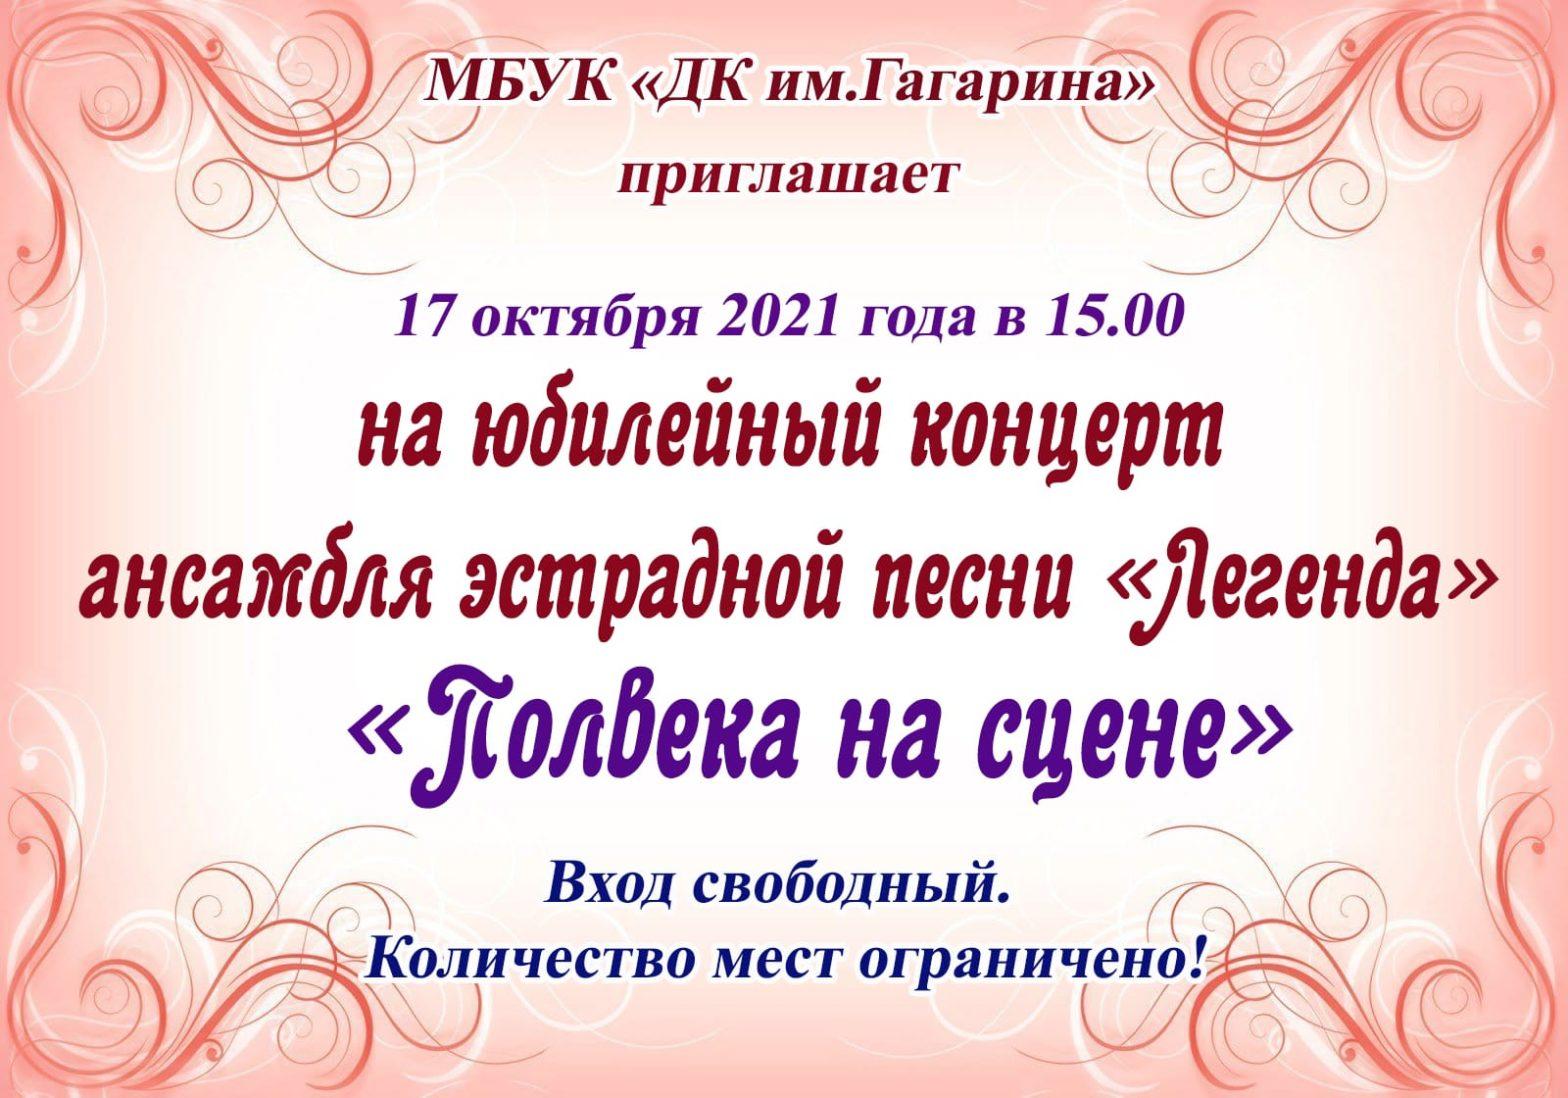 ДК «Гагарина» приглашает послушать «Легенду»